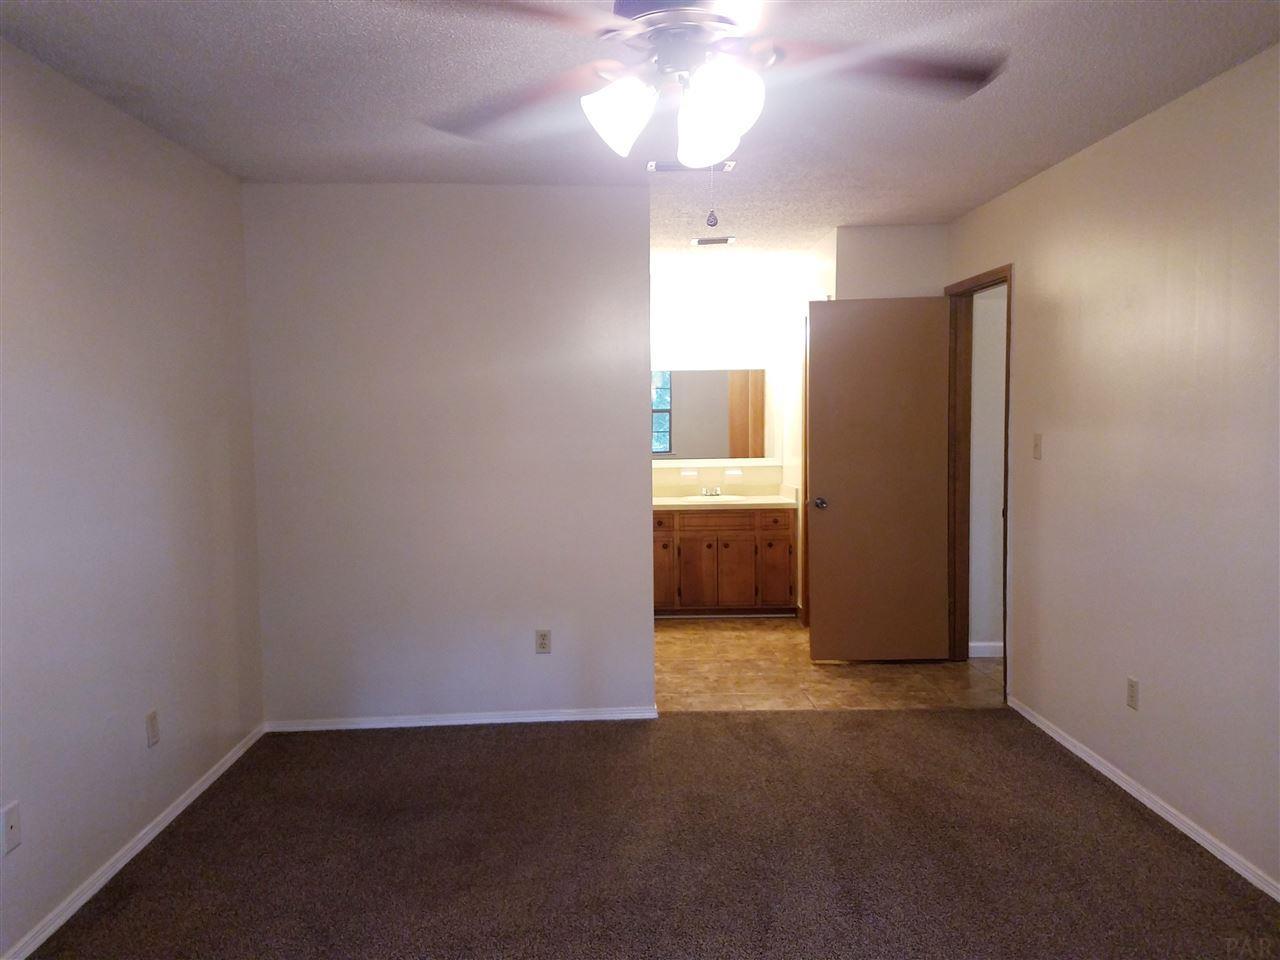 6242 Ridgegate Cir, Pensacola, FL 32504